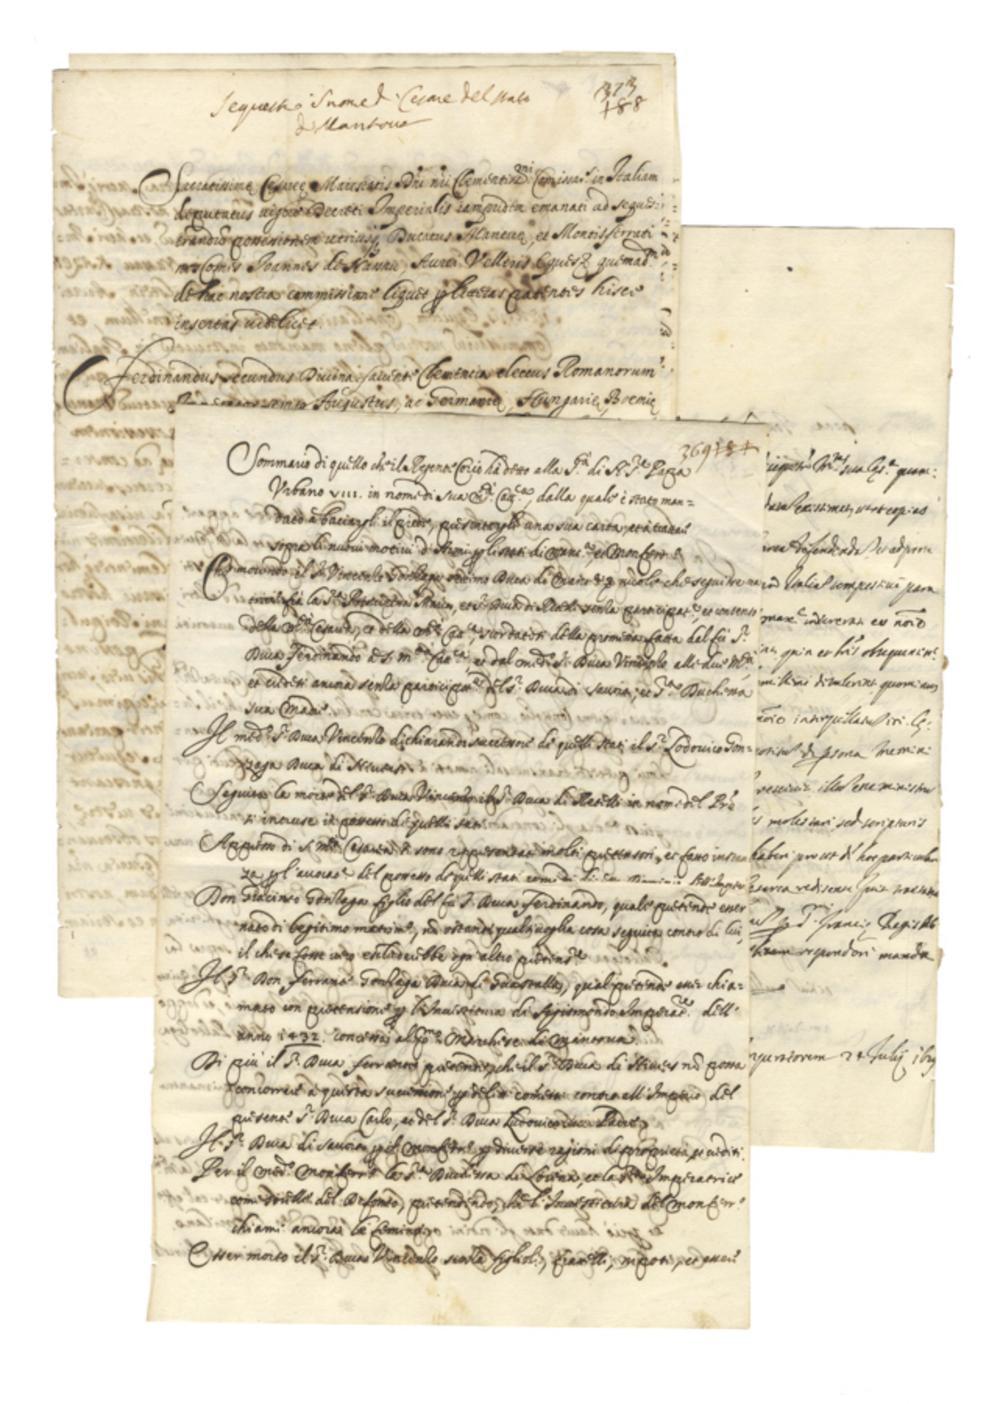 Raccolta di 4 manoscritti riguardanti la Guerra di successione di Mantova. 1628-1629